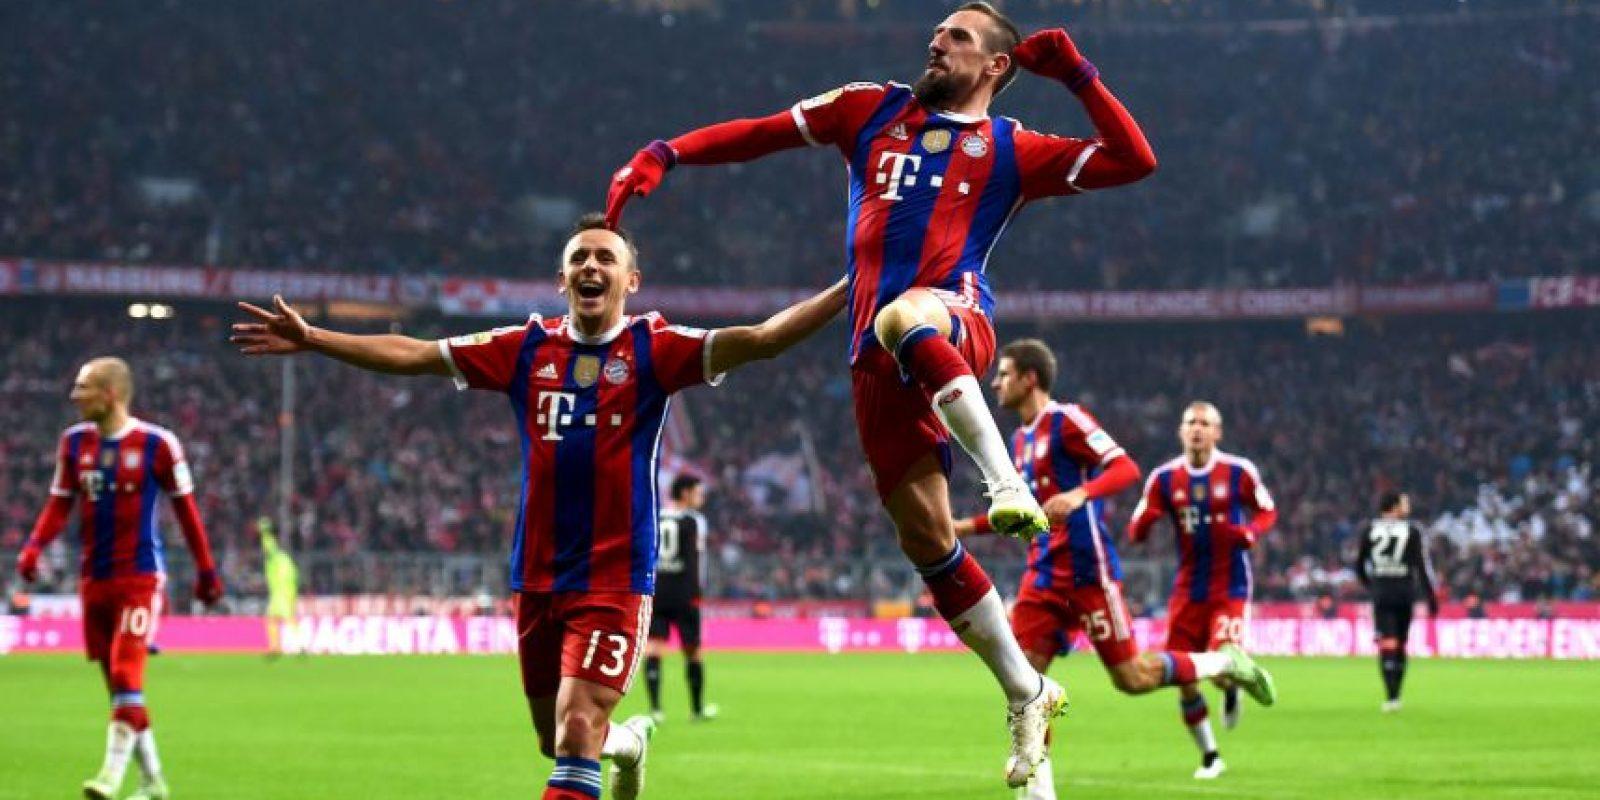 Hoy en día, es uno de los equipos más poderosos del mundo, tanto en lo deportivo, como en lo económico. Foto:Getty Images